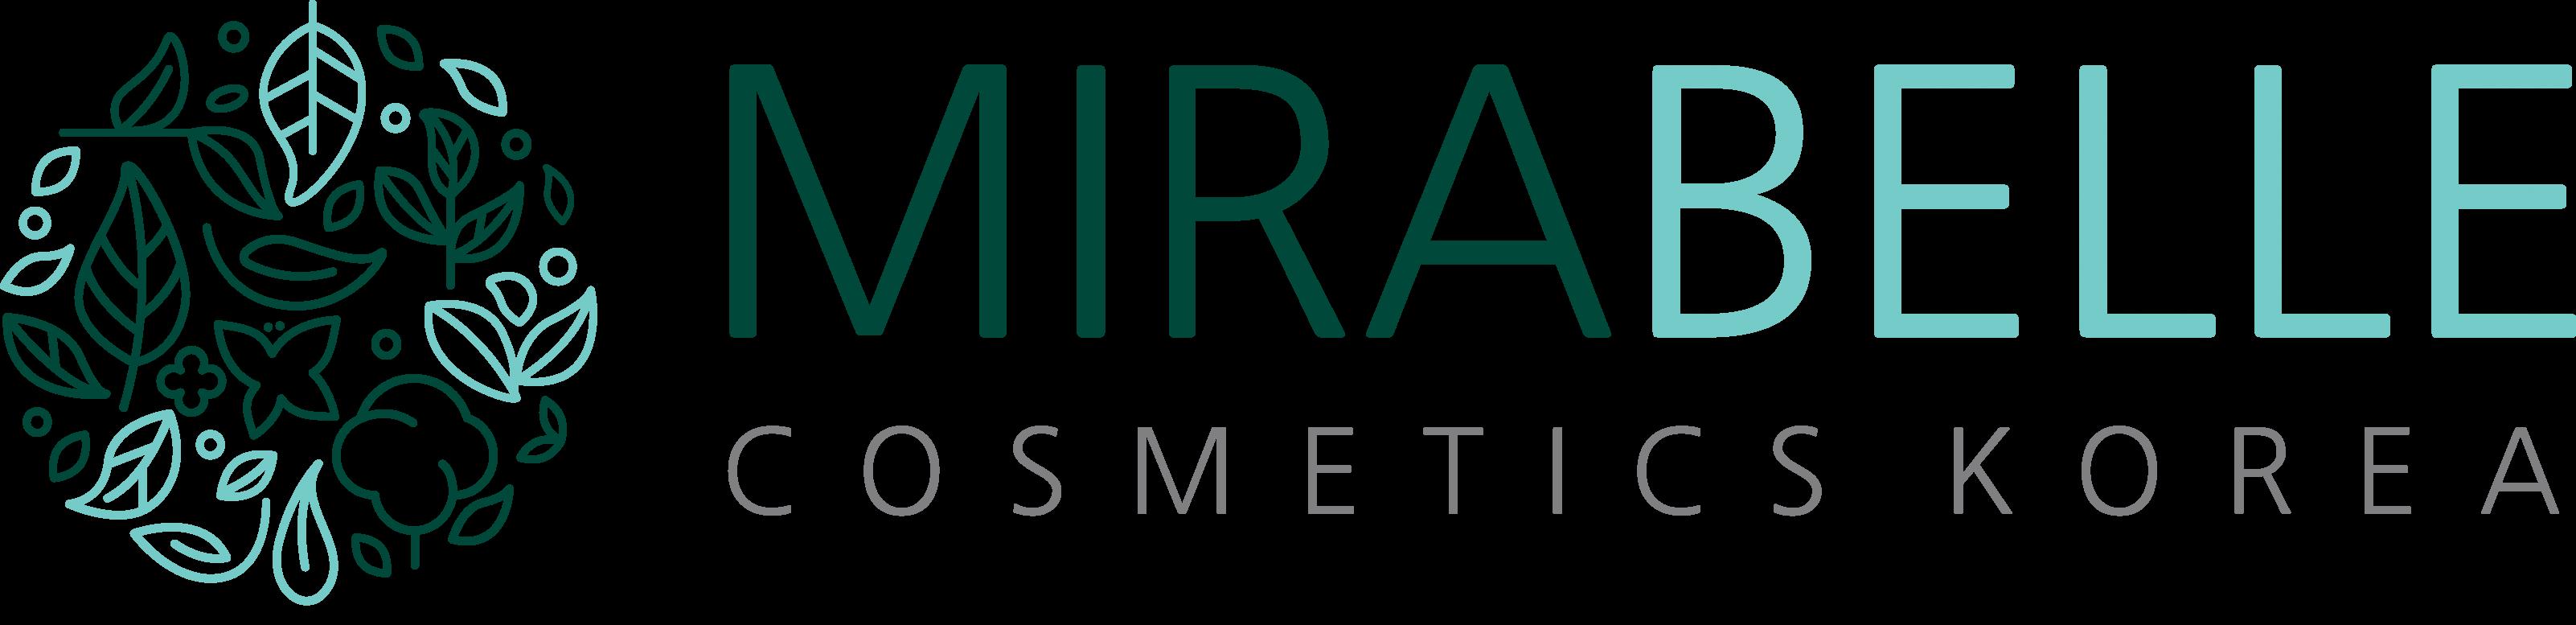 MirabelleCosmeticsKorea logo